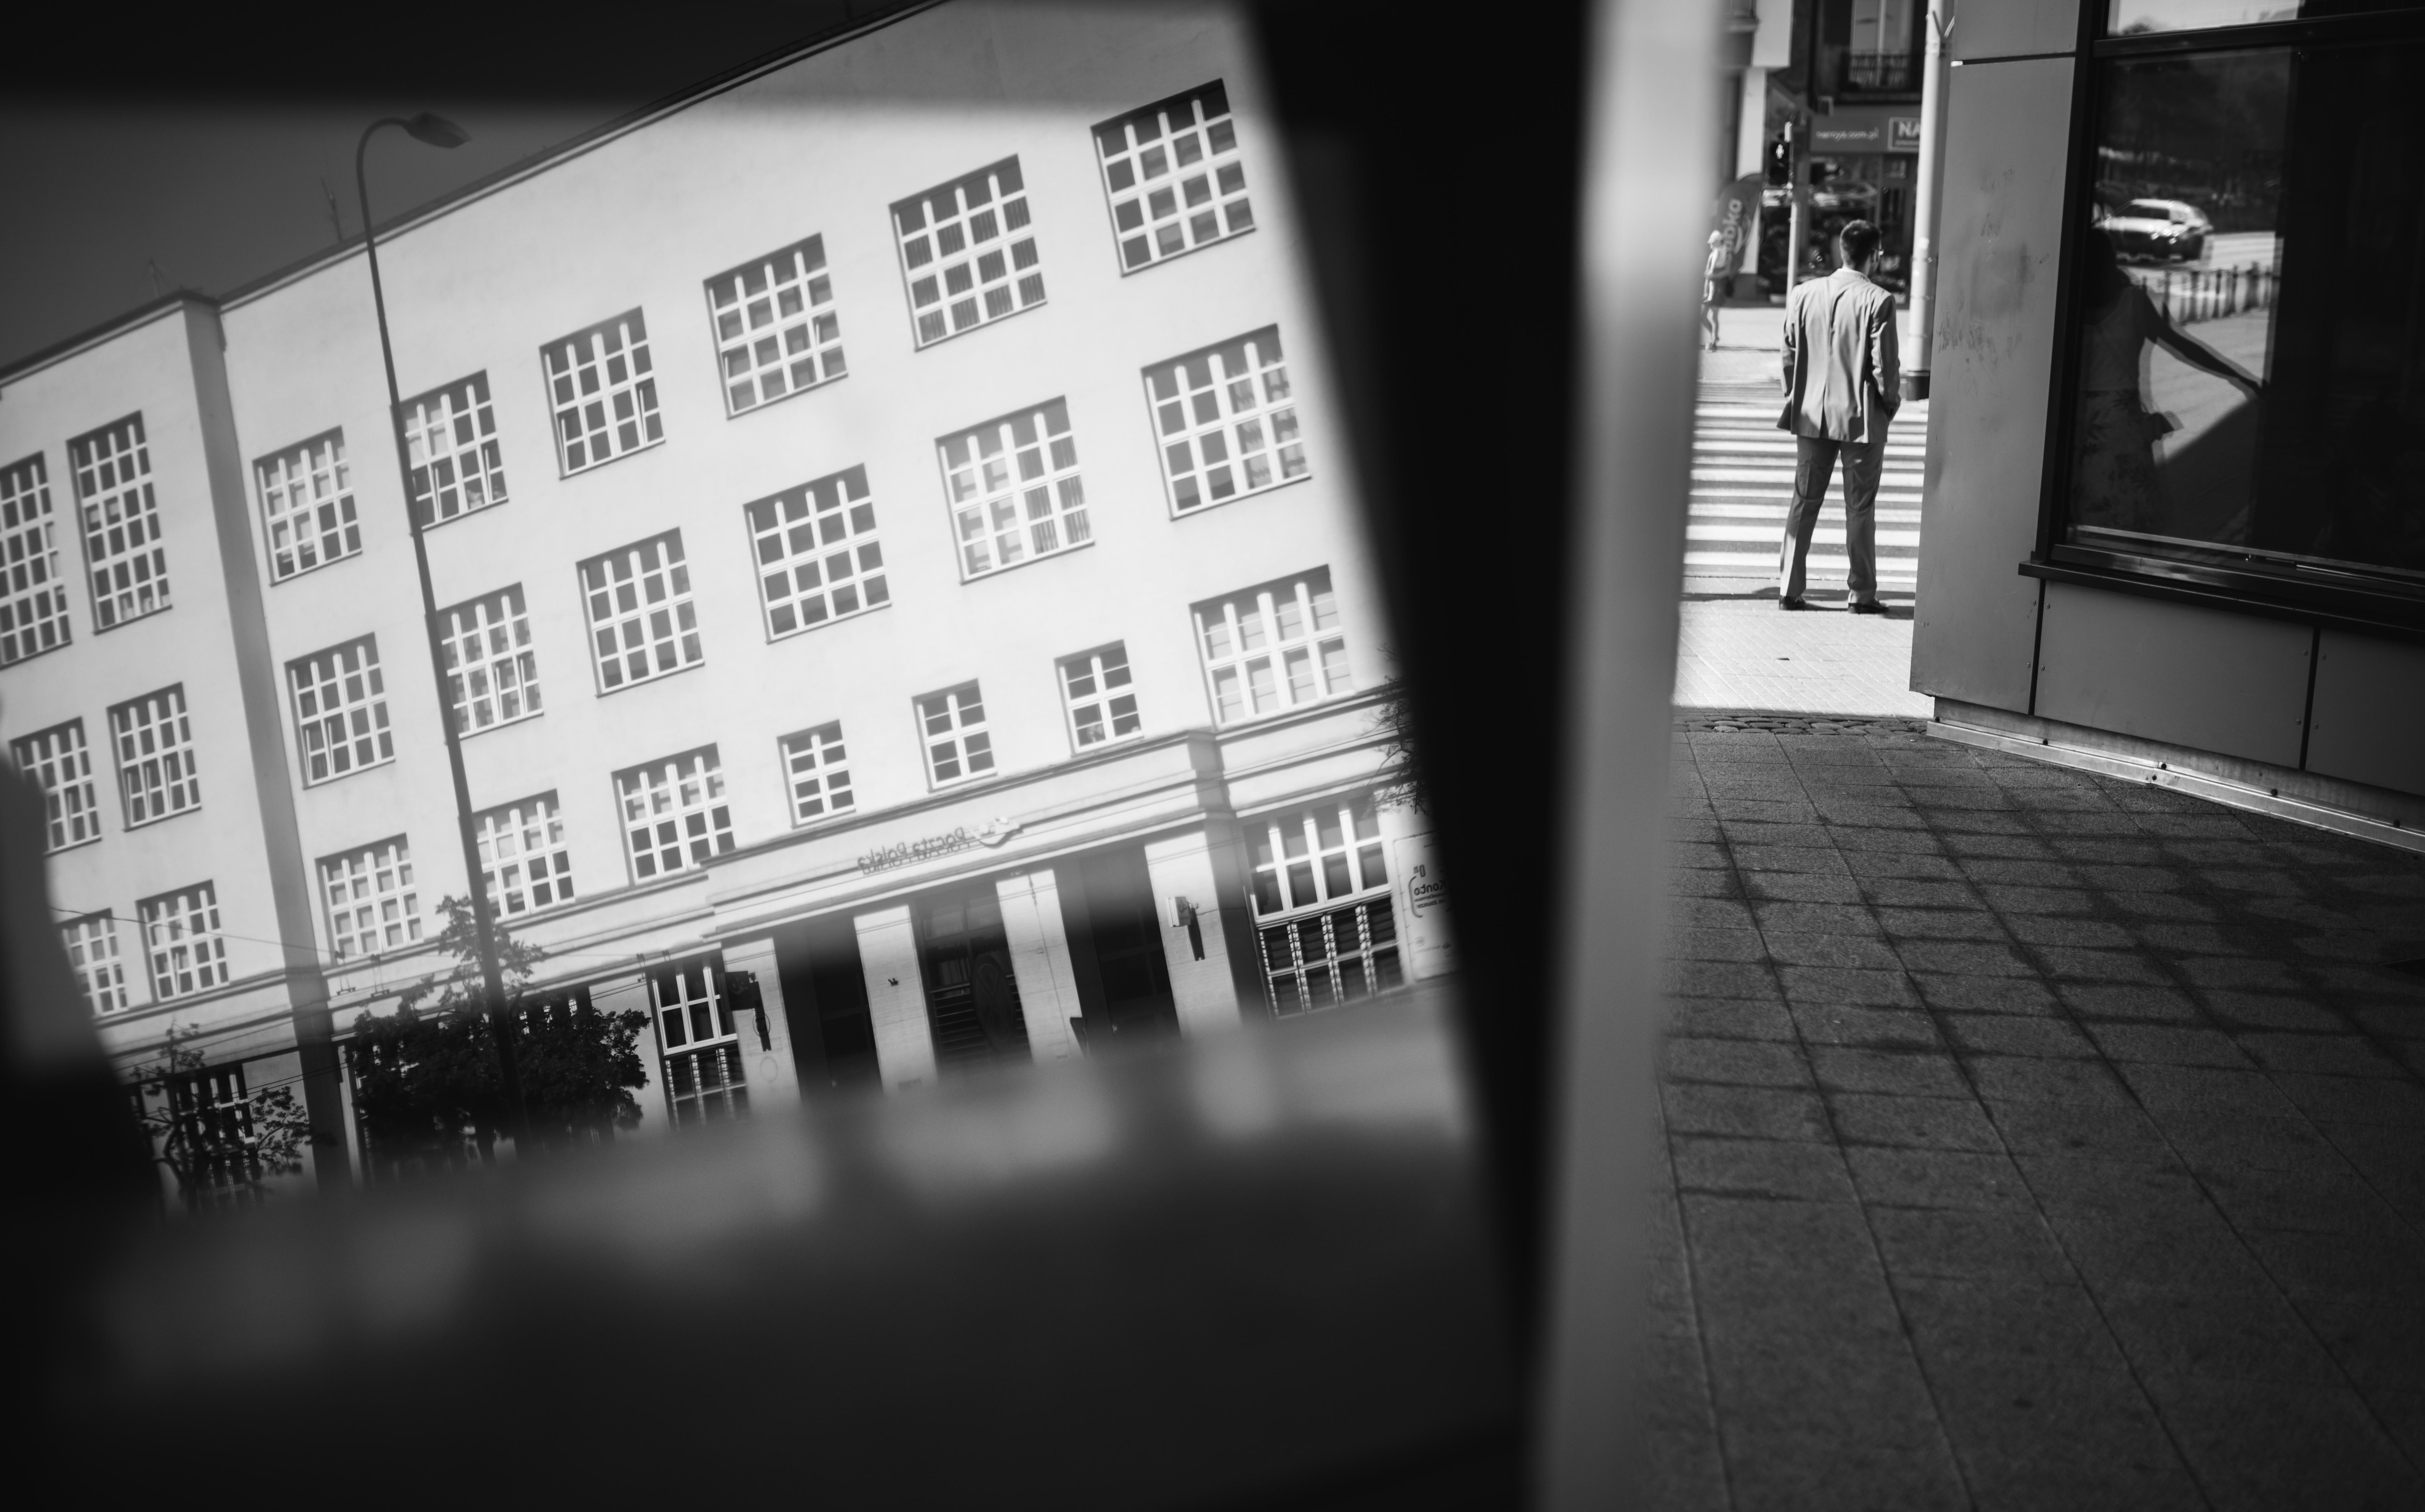 fot. Elwira Kruszelnicka, Życie Miasta